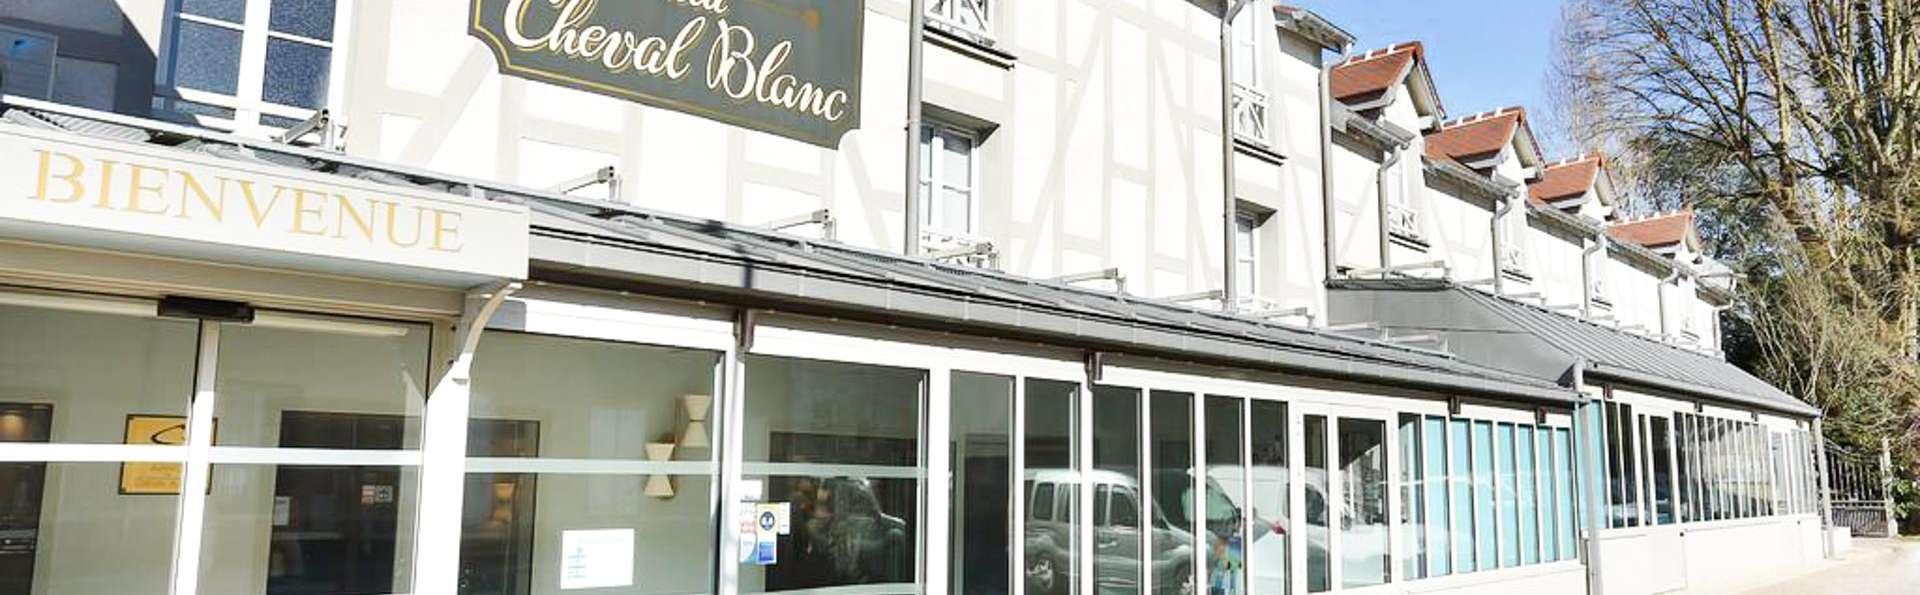 Hôtel Le Cheval Blanc Paris Marne La Vallée - EDIT_FRONT_04.jpg